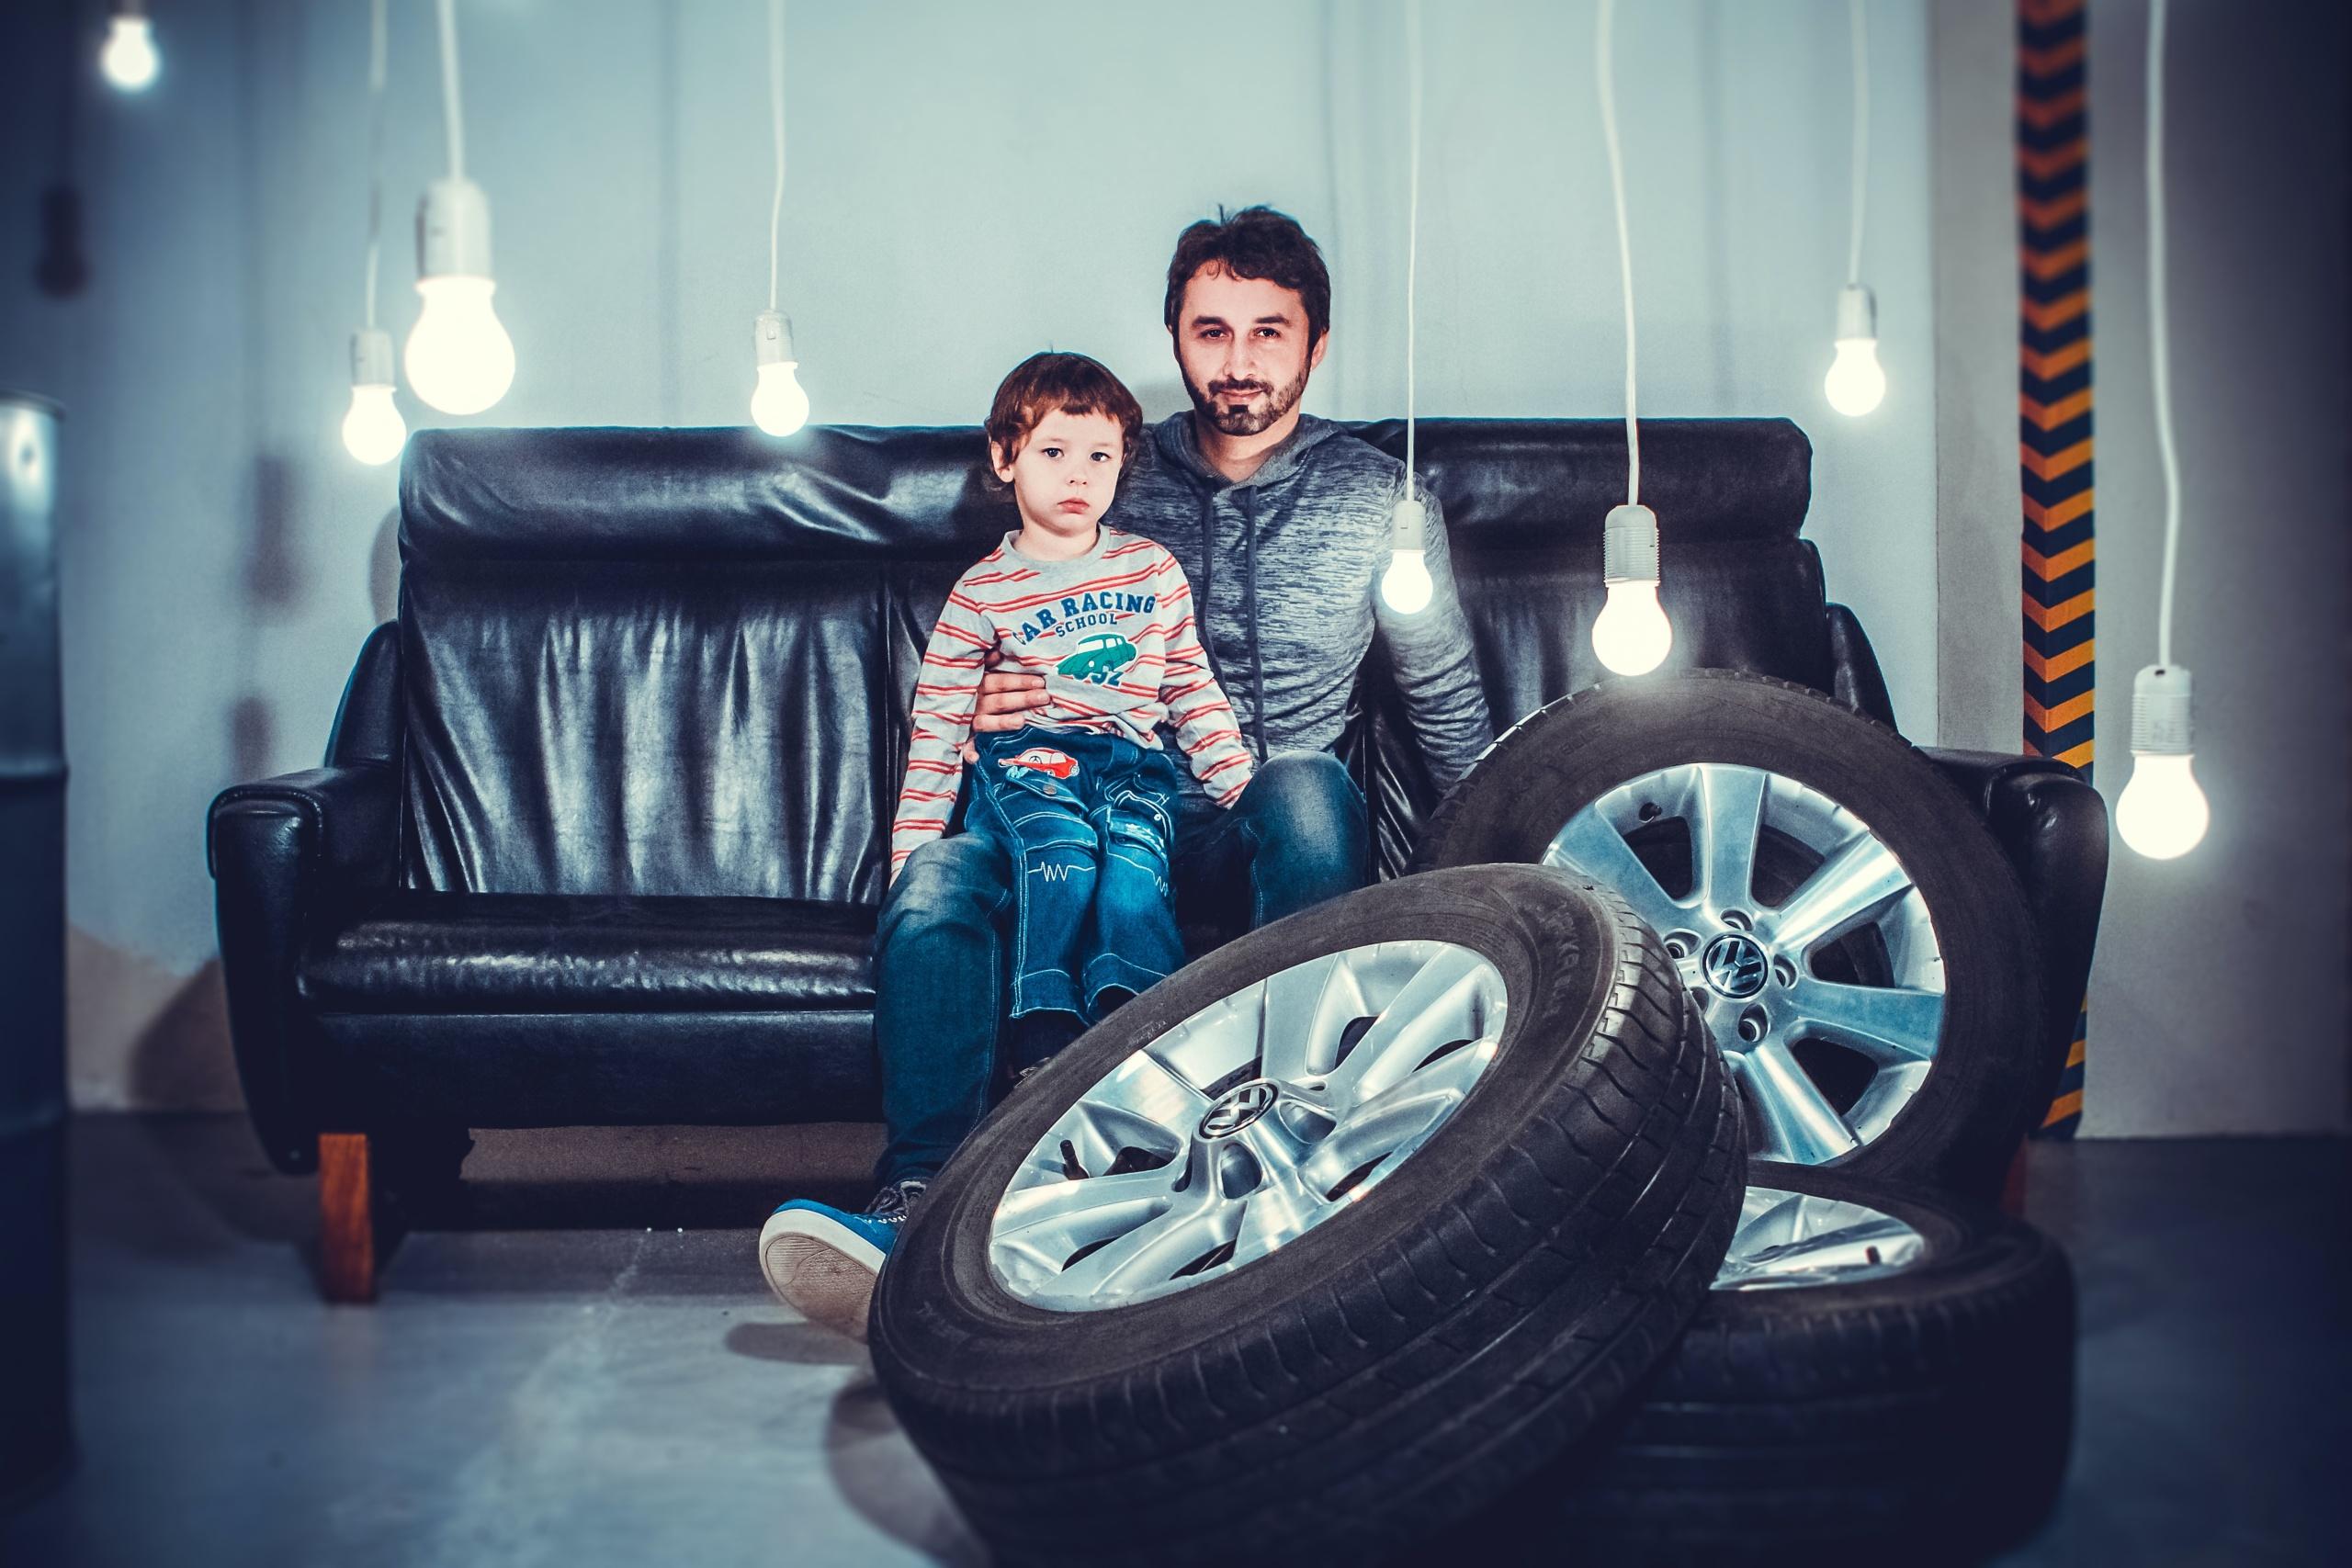 """<!-- wp:paragraph --> <p>家の庭やベランダに不要なタイヤが転がっている、冬用や雪山用にタイヤを購入したけれど結局使わないので手放したいなど、それぞれのご家庭の理由でタイヤの処分が必要になることがありますが、タイヤの処分は「はいゴミ箱へ」とはいきません。</p> <!-- /wp:paragraph -->  <!-- wp:paragraph --> <p>いくつかの方法を紹介します。最も効率よく手間がかからない方法を選んでくださいね。</p> <!-- /wp:paragraph -->  <!-- wp:image {""""id"""":2275,""""width"""":634,""""height"""":422,""""sizeSlug"""":""""large"""",""""className"""":""""is-style-default""""} --> <figure class=""""wp-block-image size-large is-resized is-style-default""""><img src=""""https://taiya-garageget.jp/wpx/wp-content/uploads/2020/09/workshop-3836241_1920-1024x683.jpg"""" alt="""""""" class=""""wp-image-2275"""" width=""""634"""" height=""""422""""/></figure> <!-- /wp:image -->  <!-- wp:heading --> <h2>タイヤは産業廃棄物</h2> <!-- /wp:heading -->  <!-- wp:paragraph --> <p>タイヤは、一般人が家庭ゴミや粗大ゴミとして廃棄することができません。廃棄物処理法では、事業者から排出される使用済みのタイヤは廃プラスチック類という産業廃棄物に区分され、それ以外の家庭などから排出される廃タイヤは一般廃棄物に区分されます。</p> <!-- /wp:paragraph -->  <!-- wp:paragraph --> <p>通常、一般廃棄物は各自治体が収集運搬して適正な処理を行うこととなっていますが、家庭から排出されるタイヤは一般廃棄物の適正処理困難物に指定されており、ほとんどの自治体で回収を行っていません。</p> <!-- /wp:paragraph -->  <!-- wp:paragraph --> <p>家庭から排出される廃タイヤは、タイヤ販売会社やカー用品店、ガソリンスタンド、自動車整備工場、カーディーラーなどのタイヤ販売店に処理を依頼します。</p> <!-- /wp:paragraph -->  <!-- wp:paragraph --> <p>回収されたタイヤは、その後中間処理業者を通じて再生利用先や最終処分先にて処理されることになります。</p> <!-- /wp:paragraph -->  <!-- wp:heading --> <h2>タイヤの処分方法4つ</h2> <!-- /wp:heading -->  <!-- wp:image {""""id"""":2277,""""sizeSlug"""":""""large"""",""""className"""":""""is-style-default""""} --> <figure class=""""wp-block-image size-large is-style-default""""><img src=""""https://taiya-kaitori.jp/wpx/wp-content/uploads/2020/09/man-with-a-boy-sitting-on-sofa-1648406-1024x683.jpg"""" alt="""""""" class=""""wp-image-2277""""/></figure> <!-- /wp:image -->  <!-- wp:heading {""""level"""":3} --> <h3>1.新規購入時に処分もしくは買取をしてもらう</h3> <!-- /wp:heading -->  <!-- wp:paragraph --> <p>新しいタイヤの購入時に、タイヤ販売店に古い使用済みタイヤを引き取ってもらう方法です。タイヤの状態が良好であれば下取りや買取りをしてくれることもあります。</p> <!-- /wp:paragraph -->  <!-- wp:paragraph --> <p>新しいタイヤに履き替えると同時に、使用済みのタイヤをその場で手放すことができます。タイヤの保管場所や処分方法に悩む必要もない、合理的でシンプルな方法です。</p> <!-- /wp:paragraph -->  <!-- wp:image {""""id"""":2276,""""width"""":527,"""""""